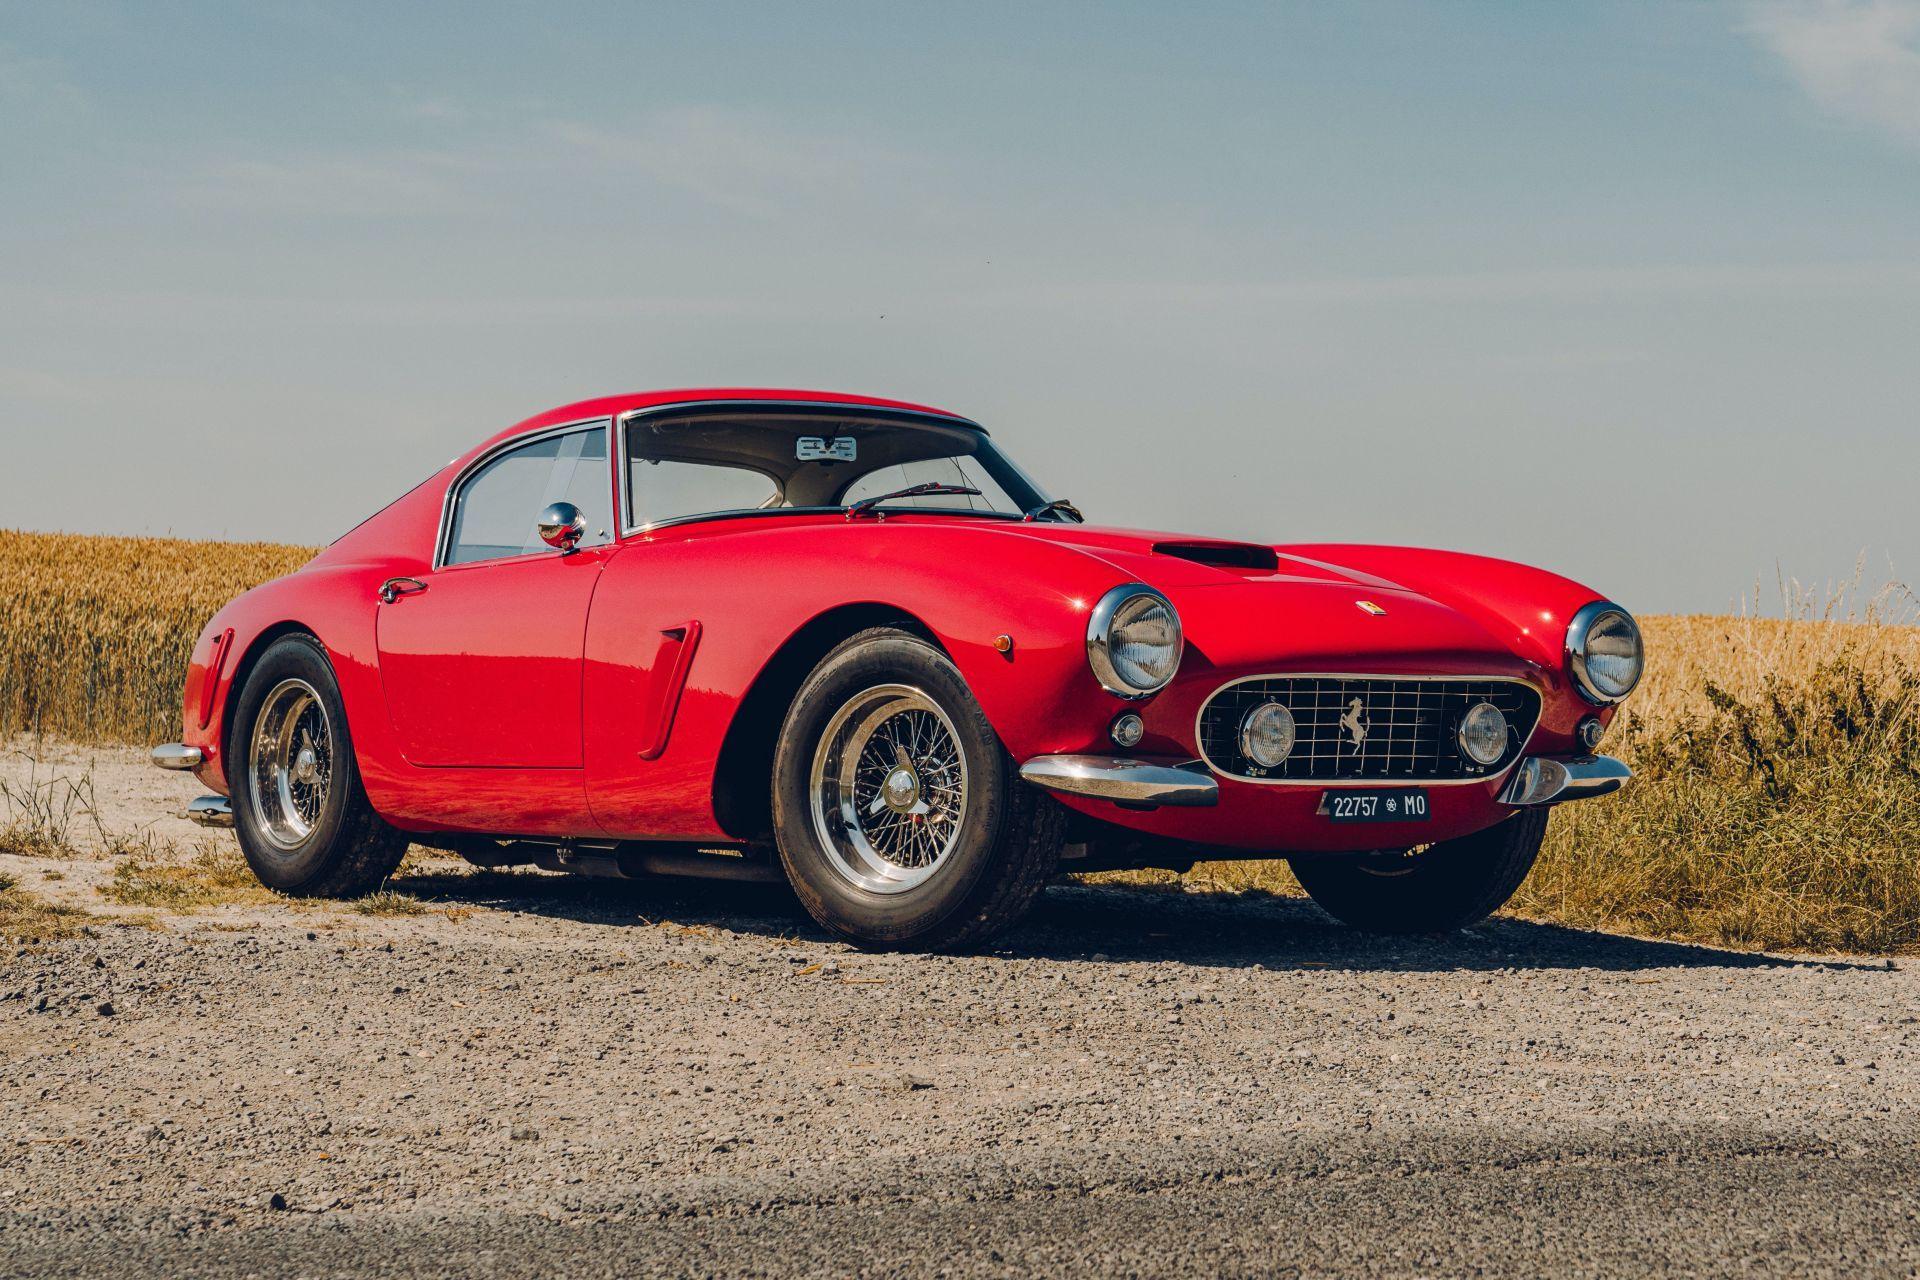 Ferrari-250-GT-SWB-Berlinetta-Competizione-Revival-by-GTO-Engineering-49